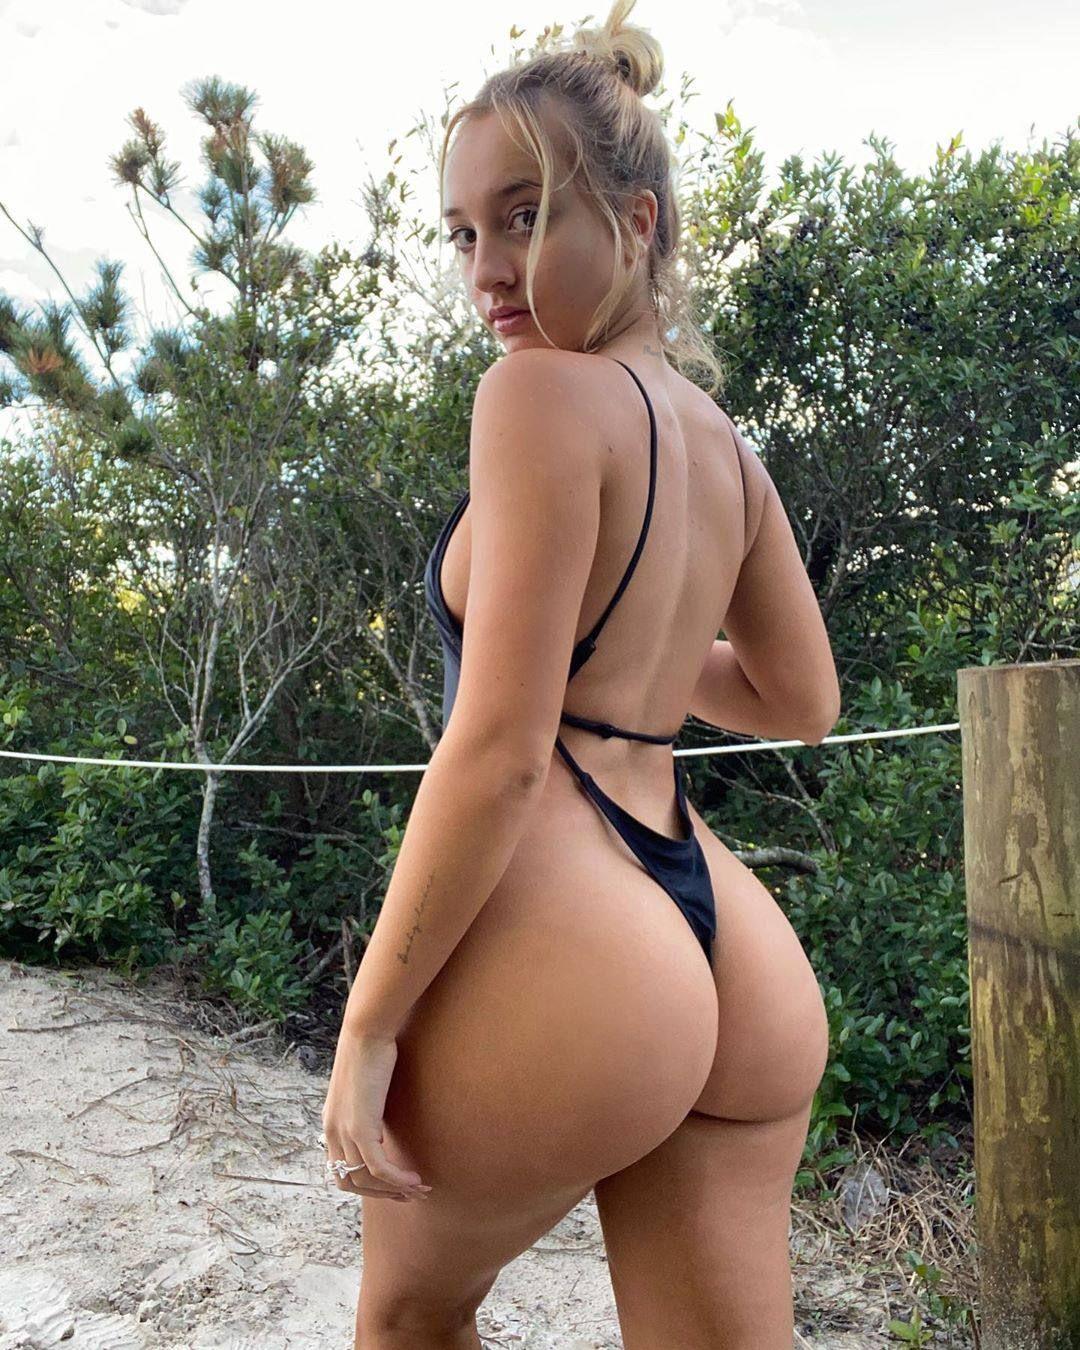 Jenni Niemaann Sexy & Topless 0021